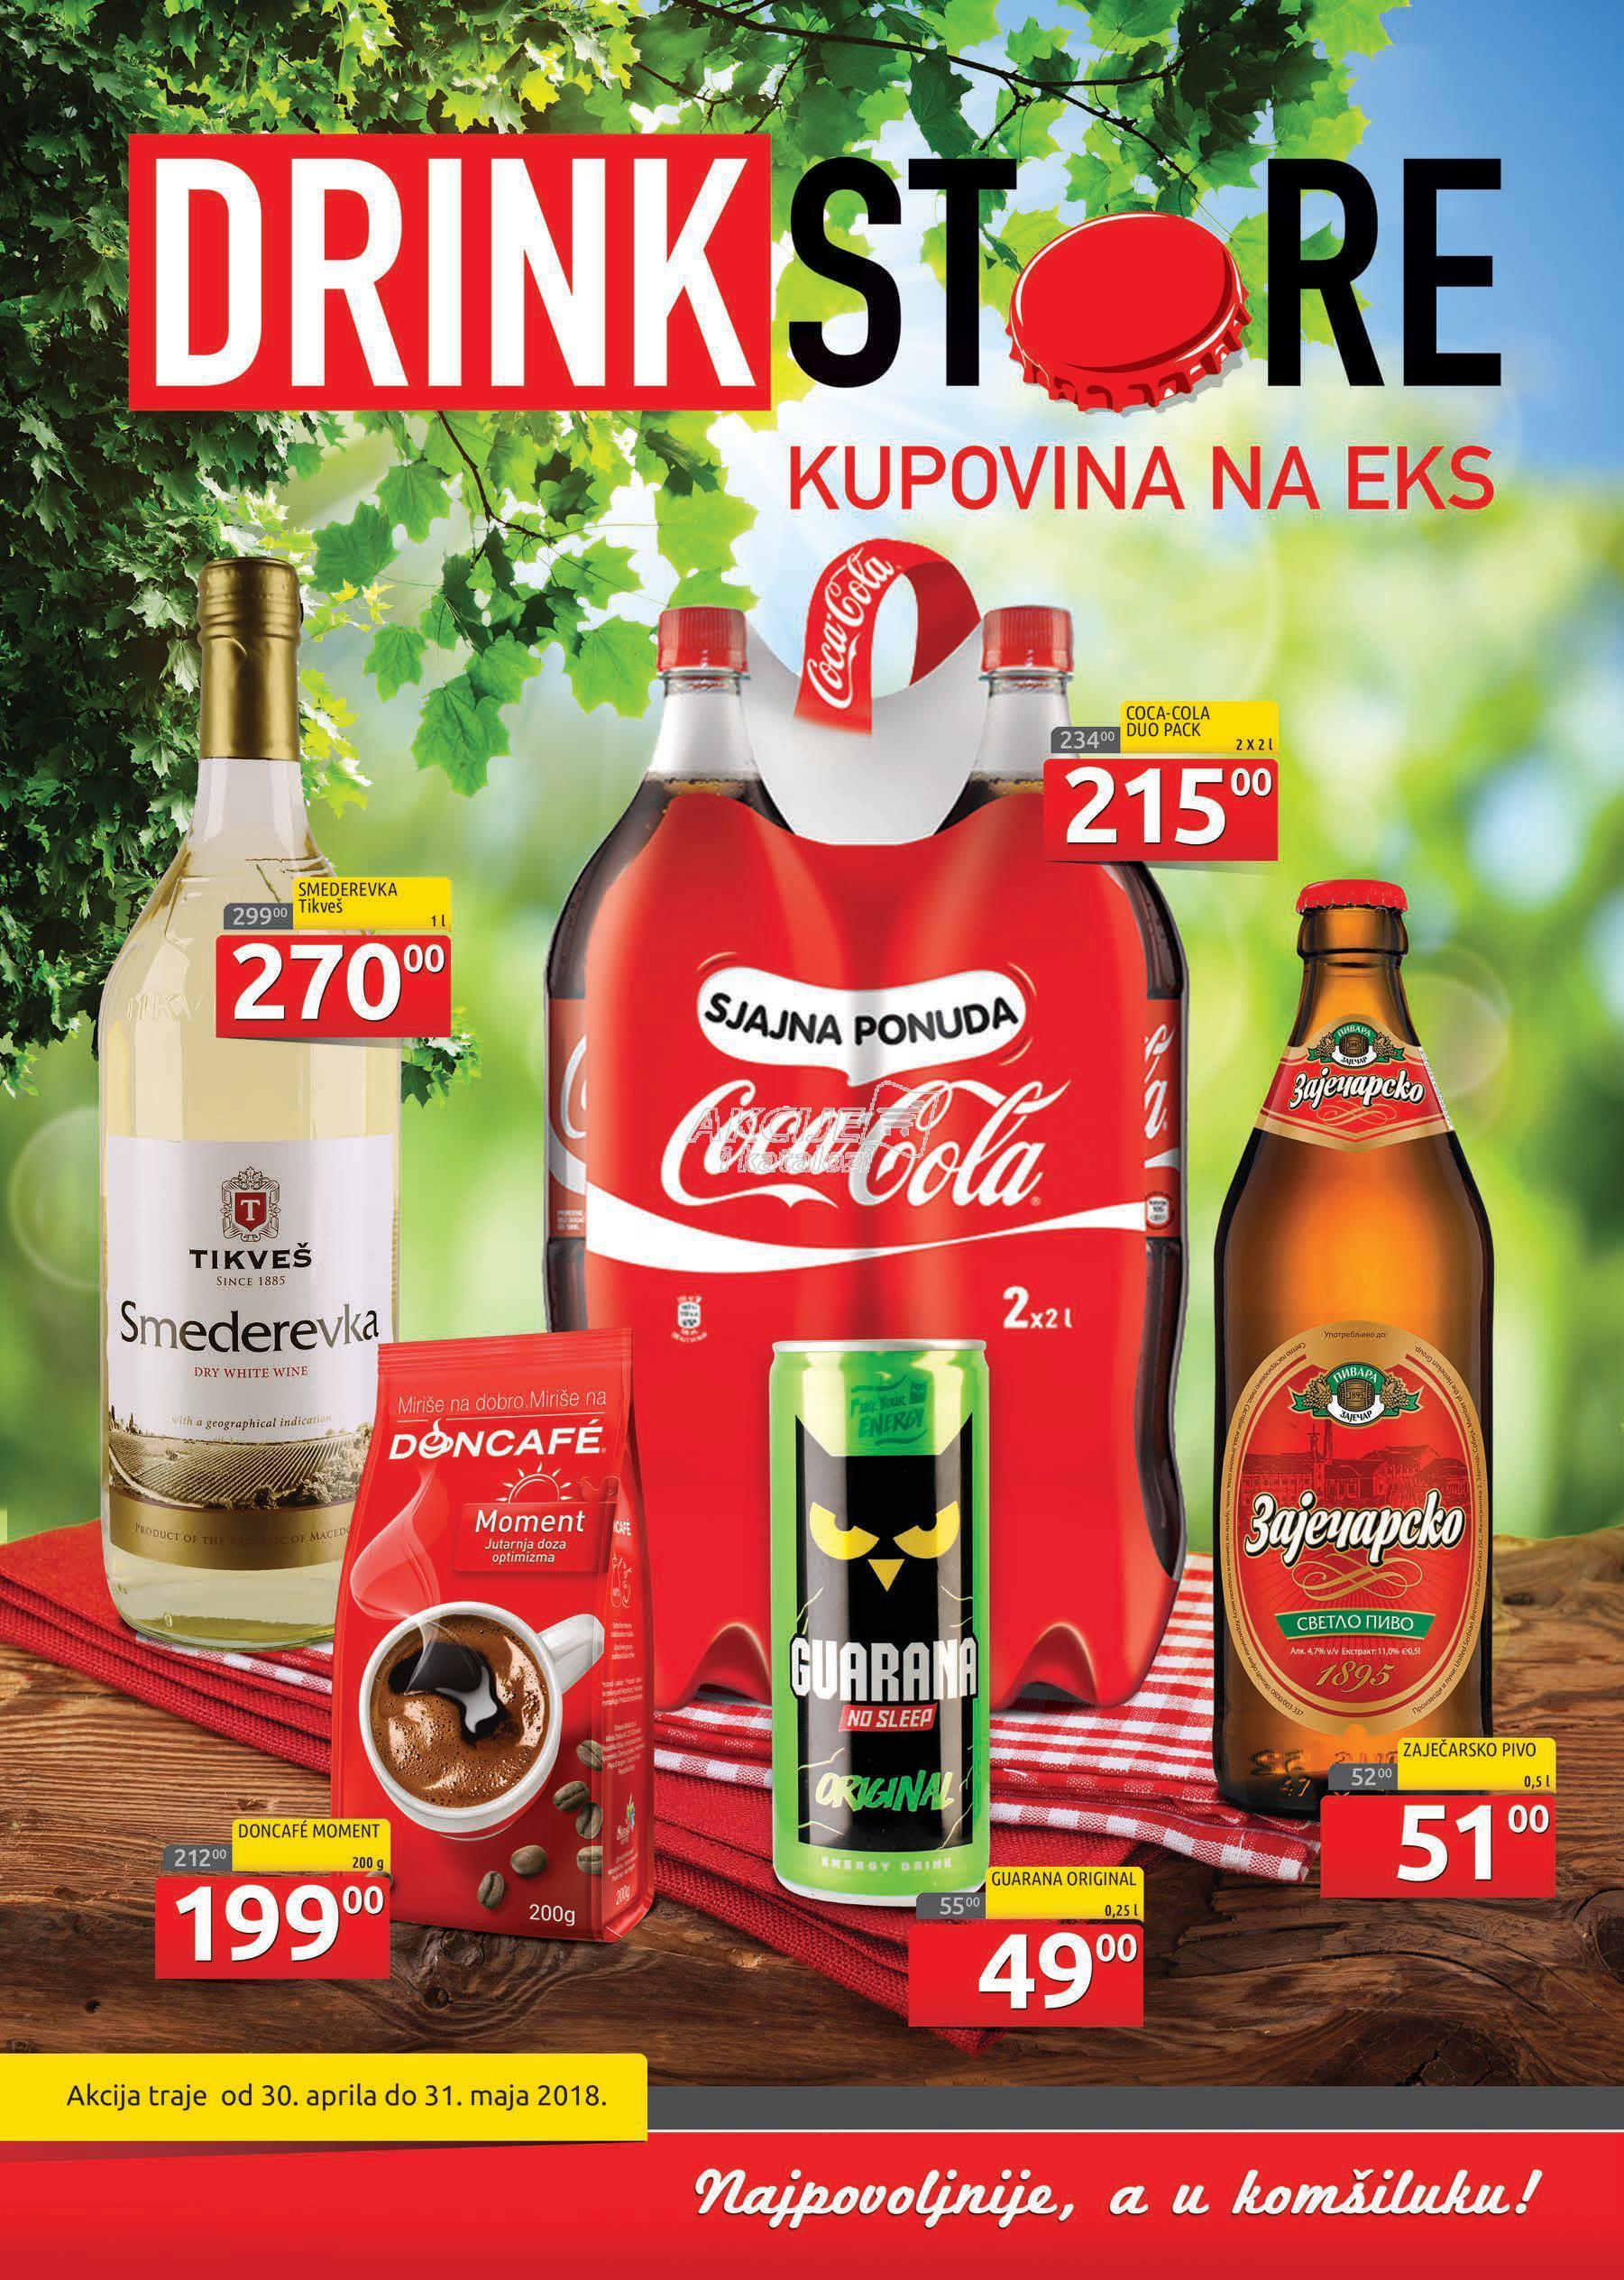 Drink Store akcija majske kupovine